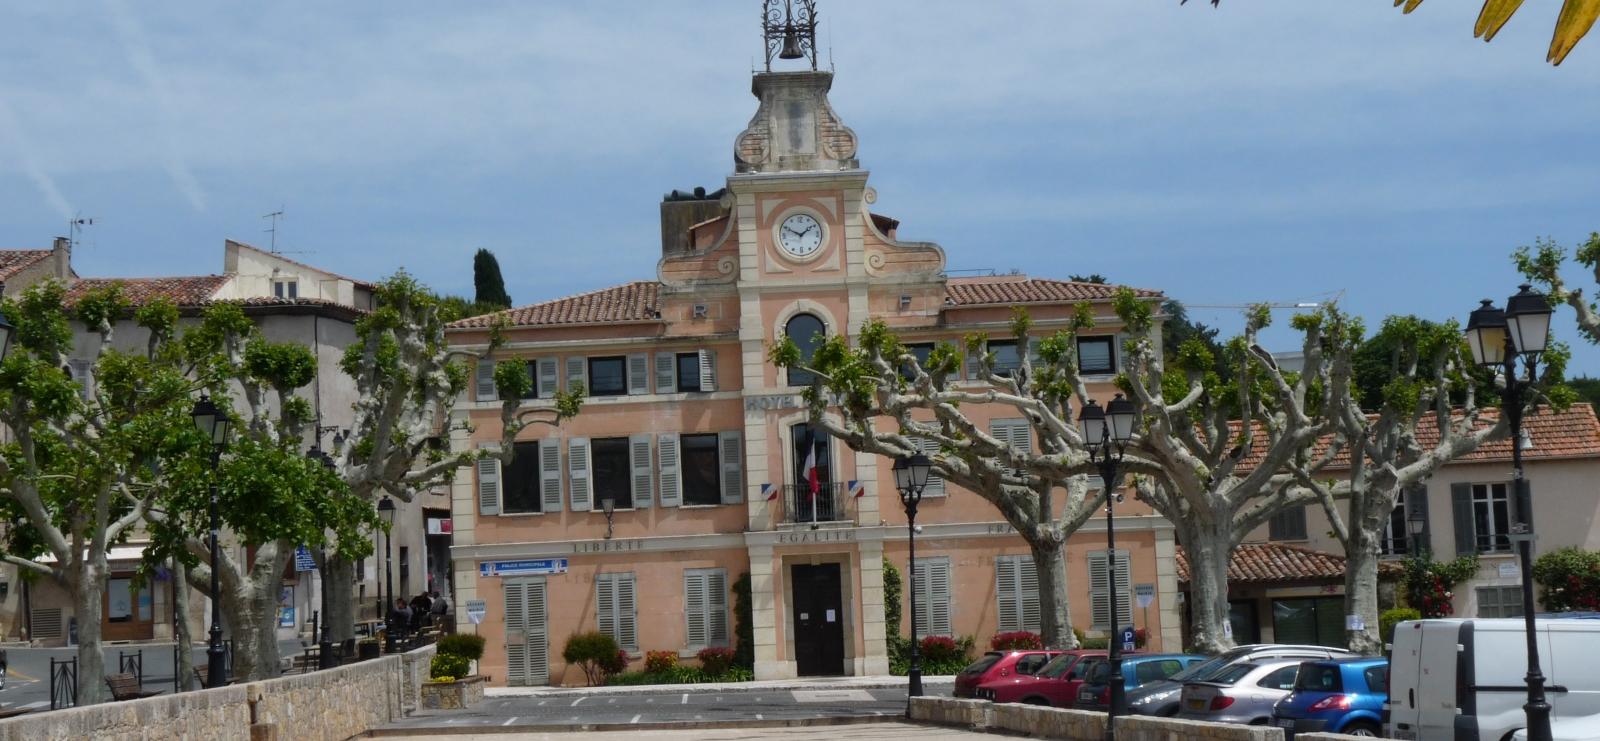 La place du Clos, sa mairie, son campanile